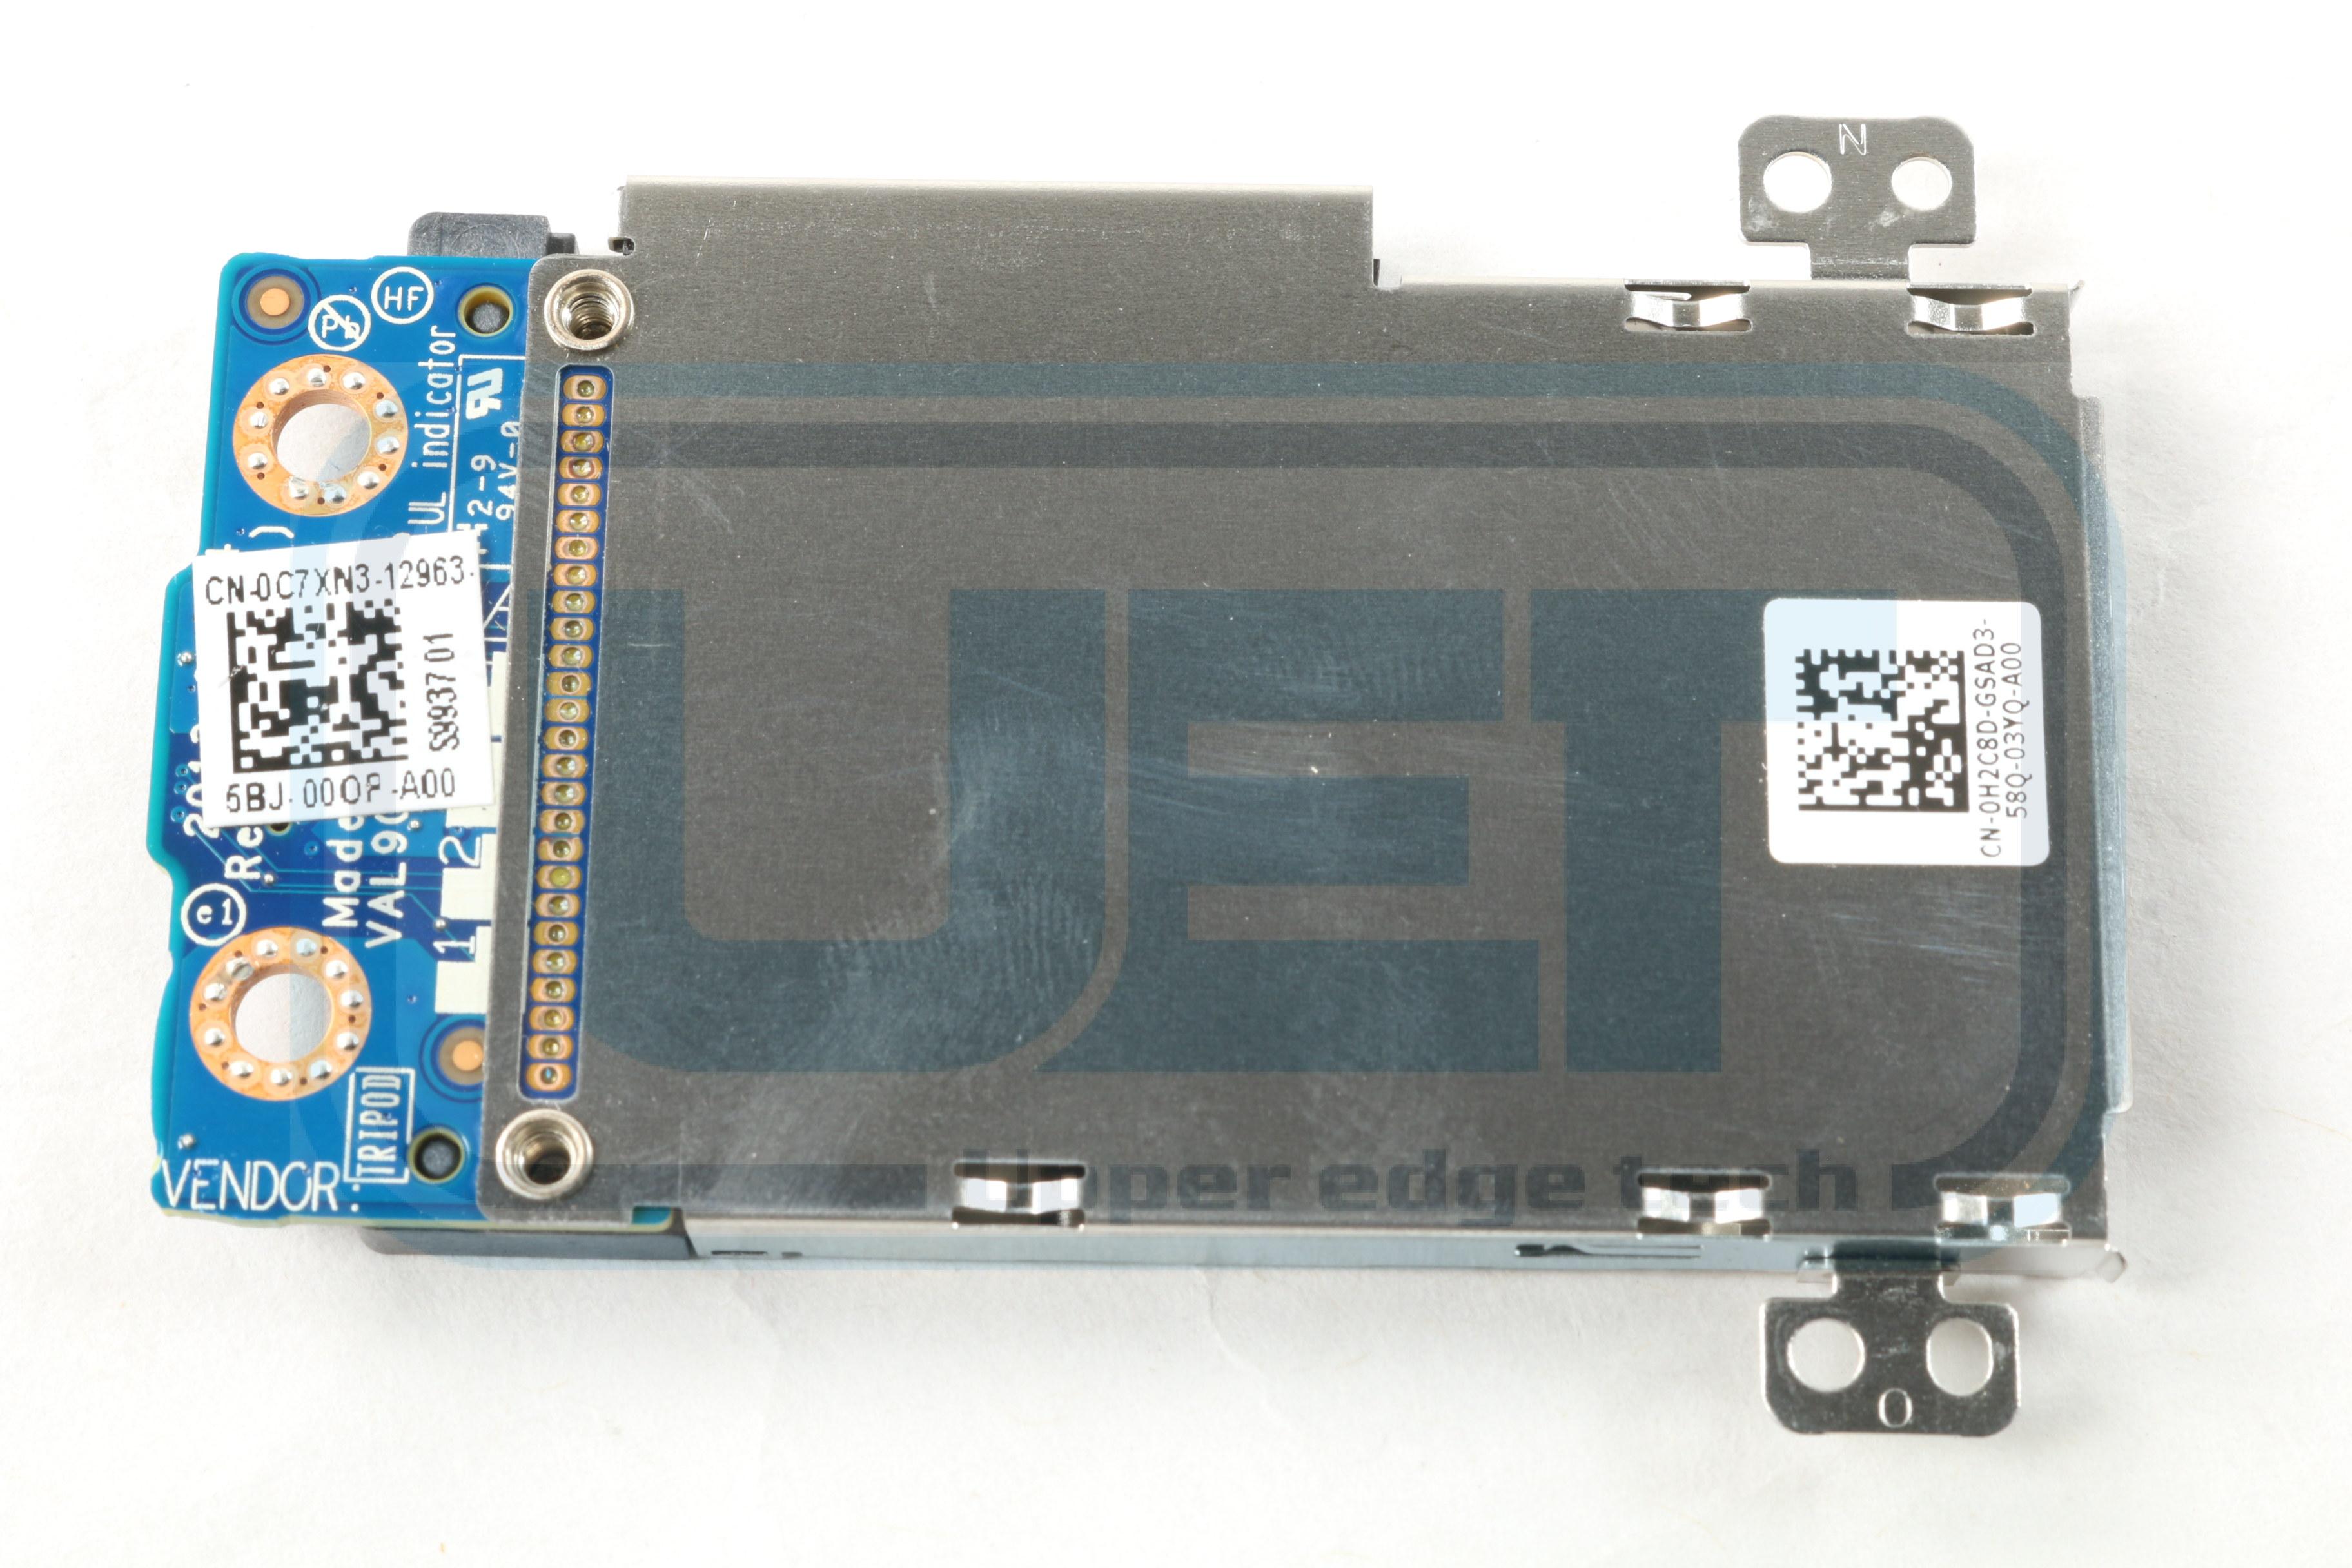 Dell Latitude E6440 C7XN3 EC Express Card Slot & Cage Board H2C8D